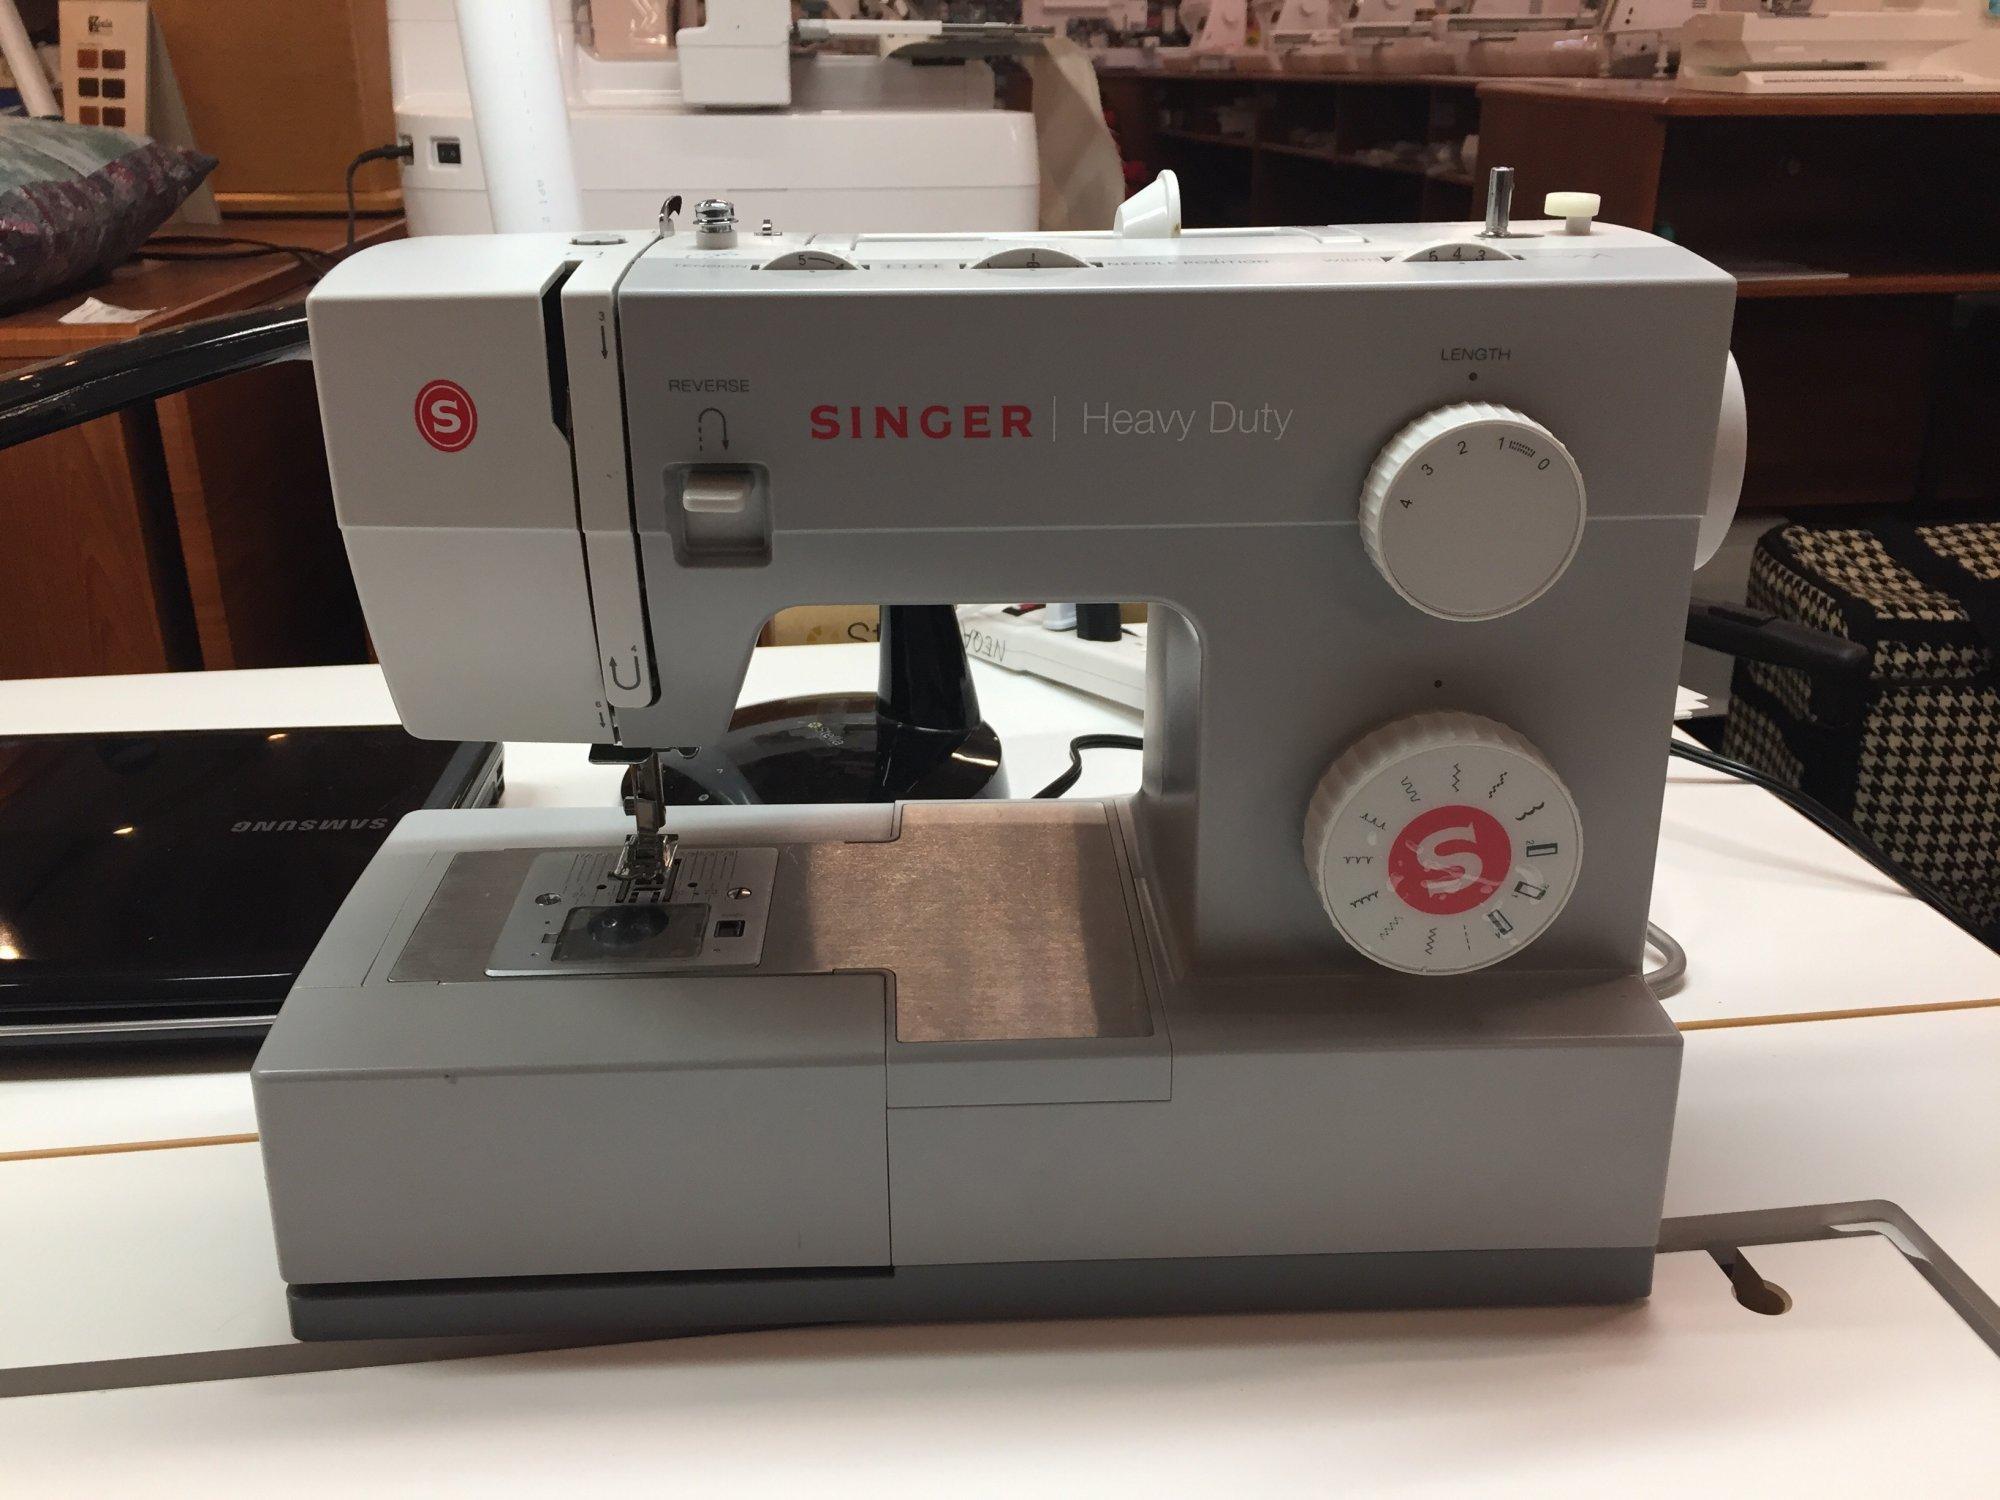 Riccar Sewing Machine Repair Near Me